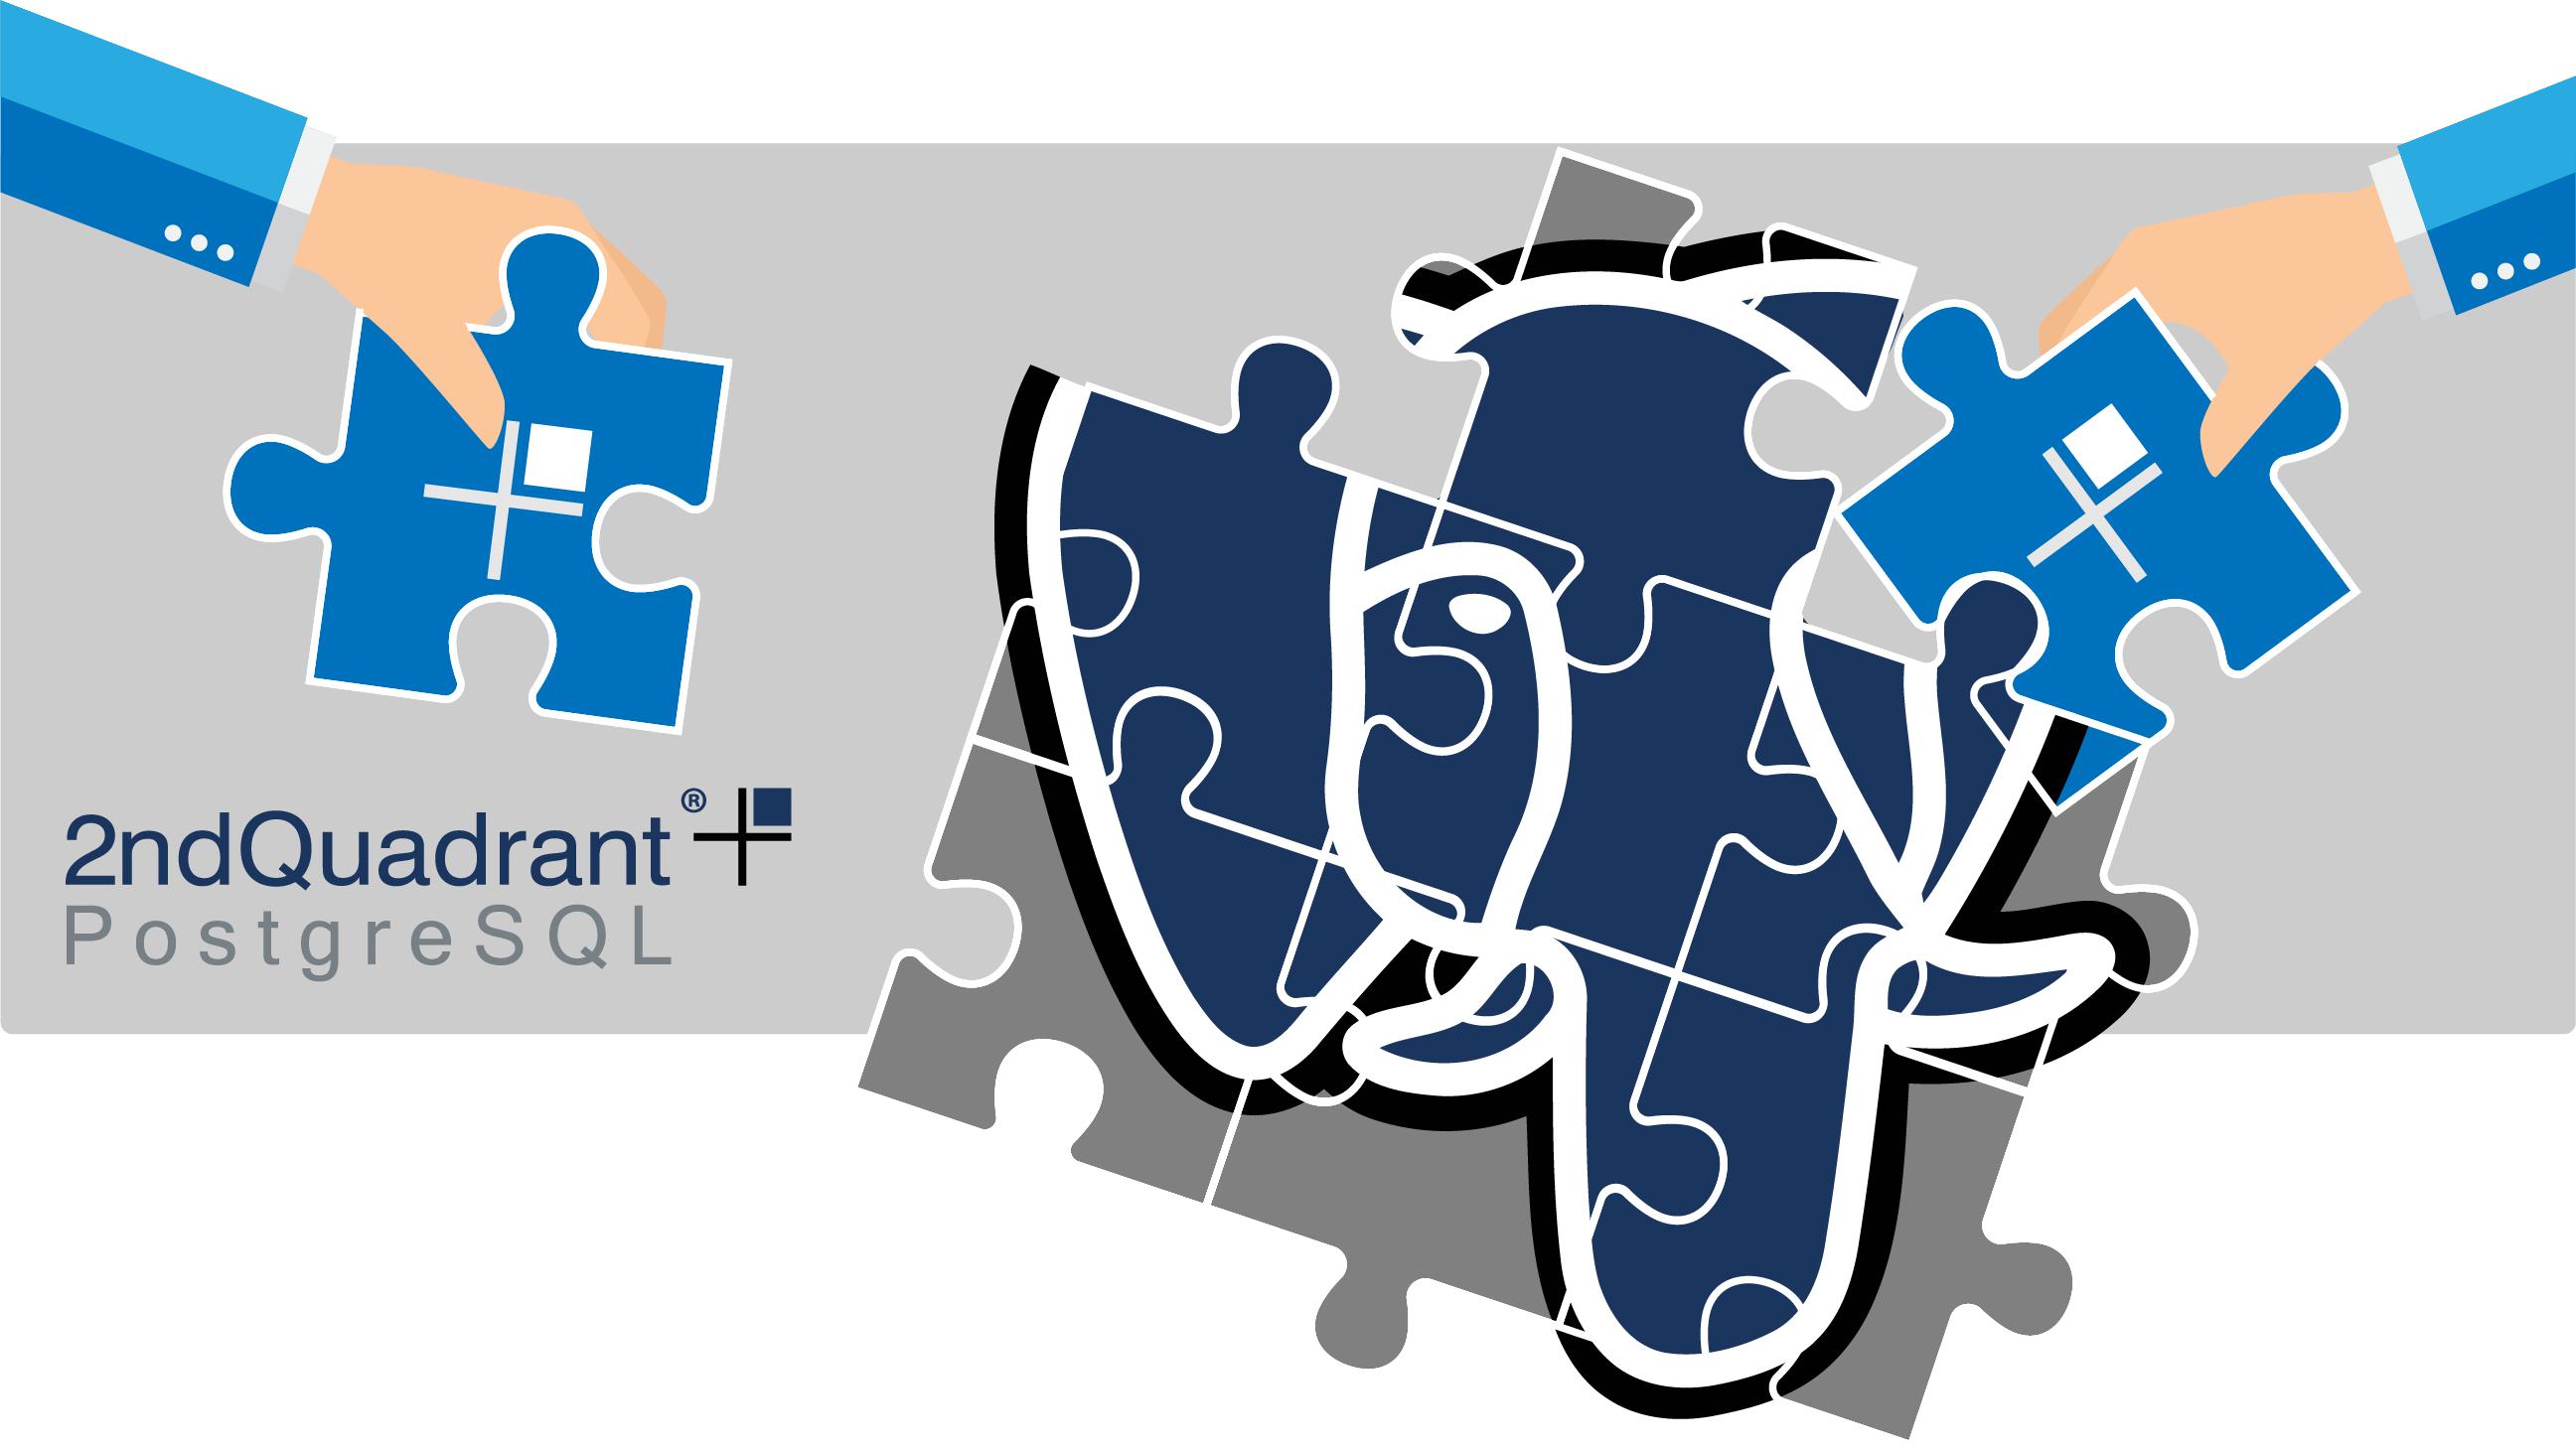 2ndQuadrant Passion PostgreSQL, 2ndQuadrant postgres, 2ndQuadrant postgresql